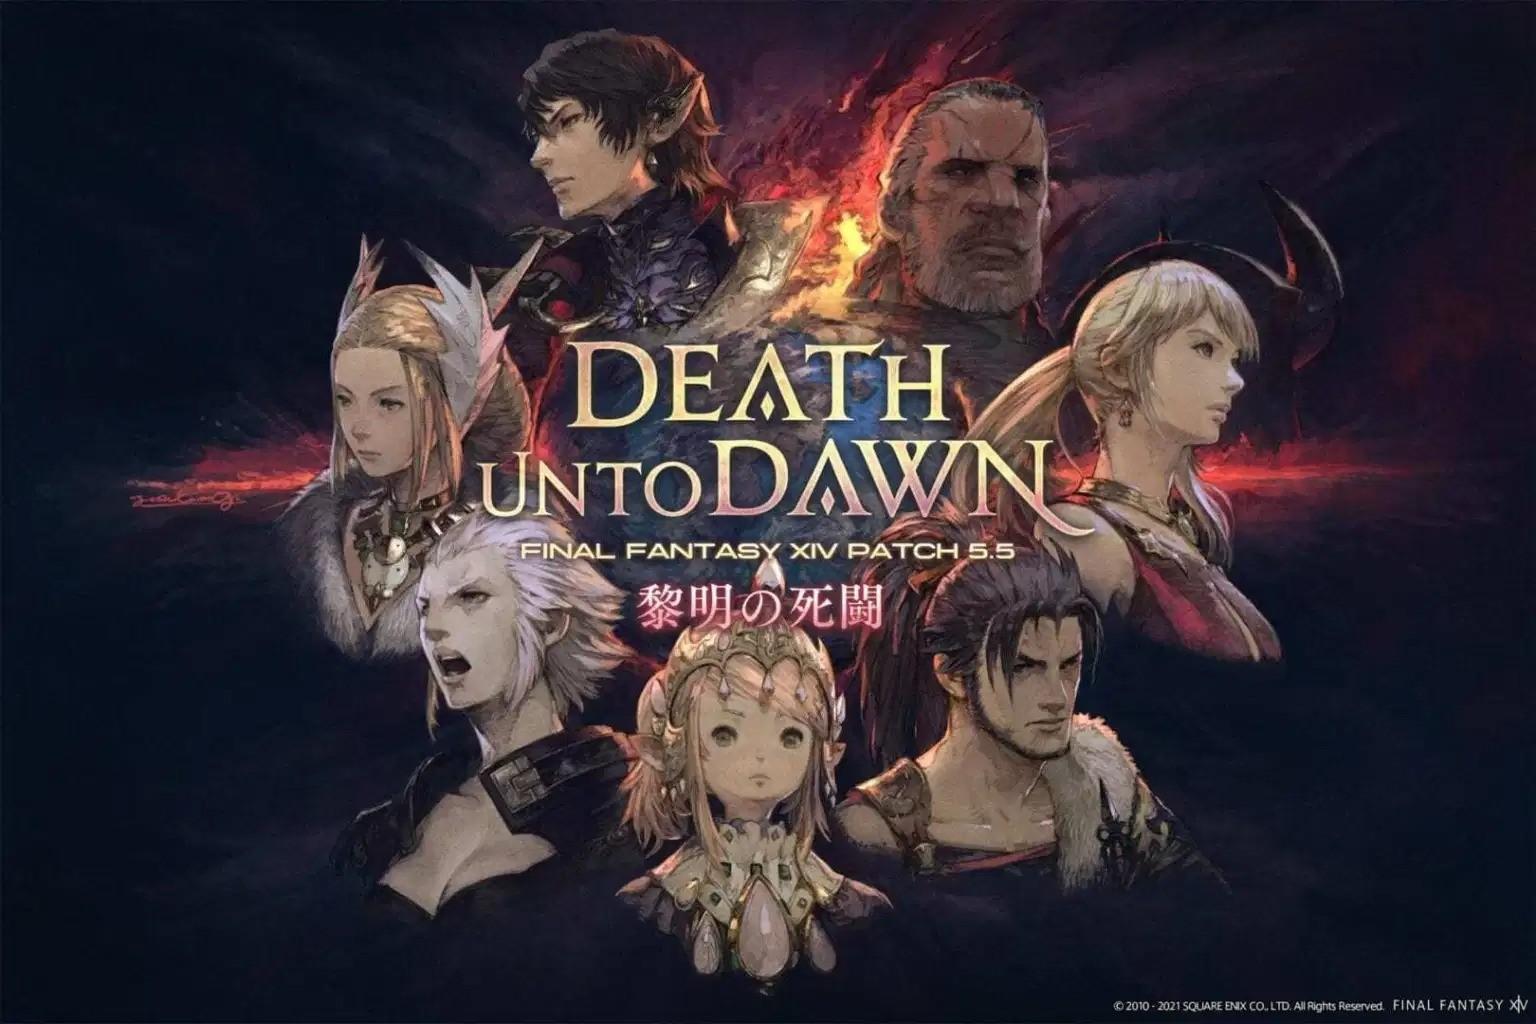 《最终幻想14》5.5版新预告片 全球注册玩家超2